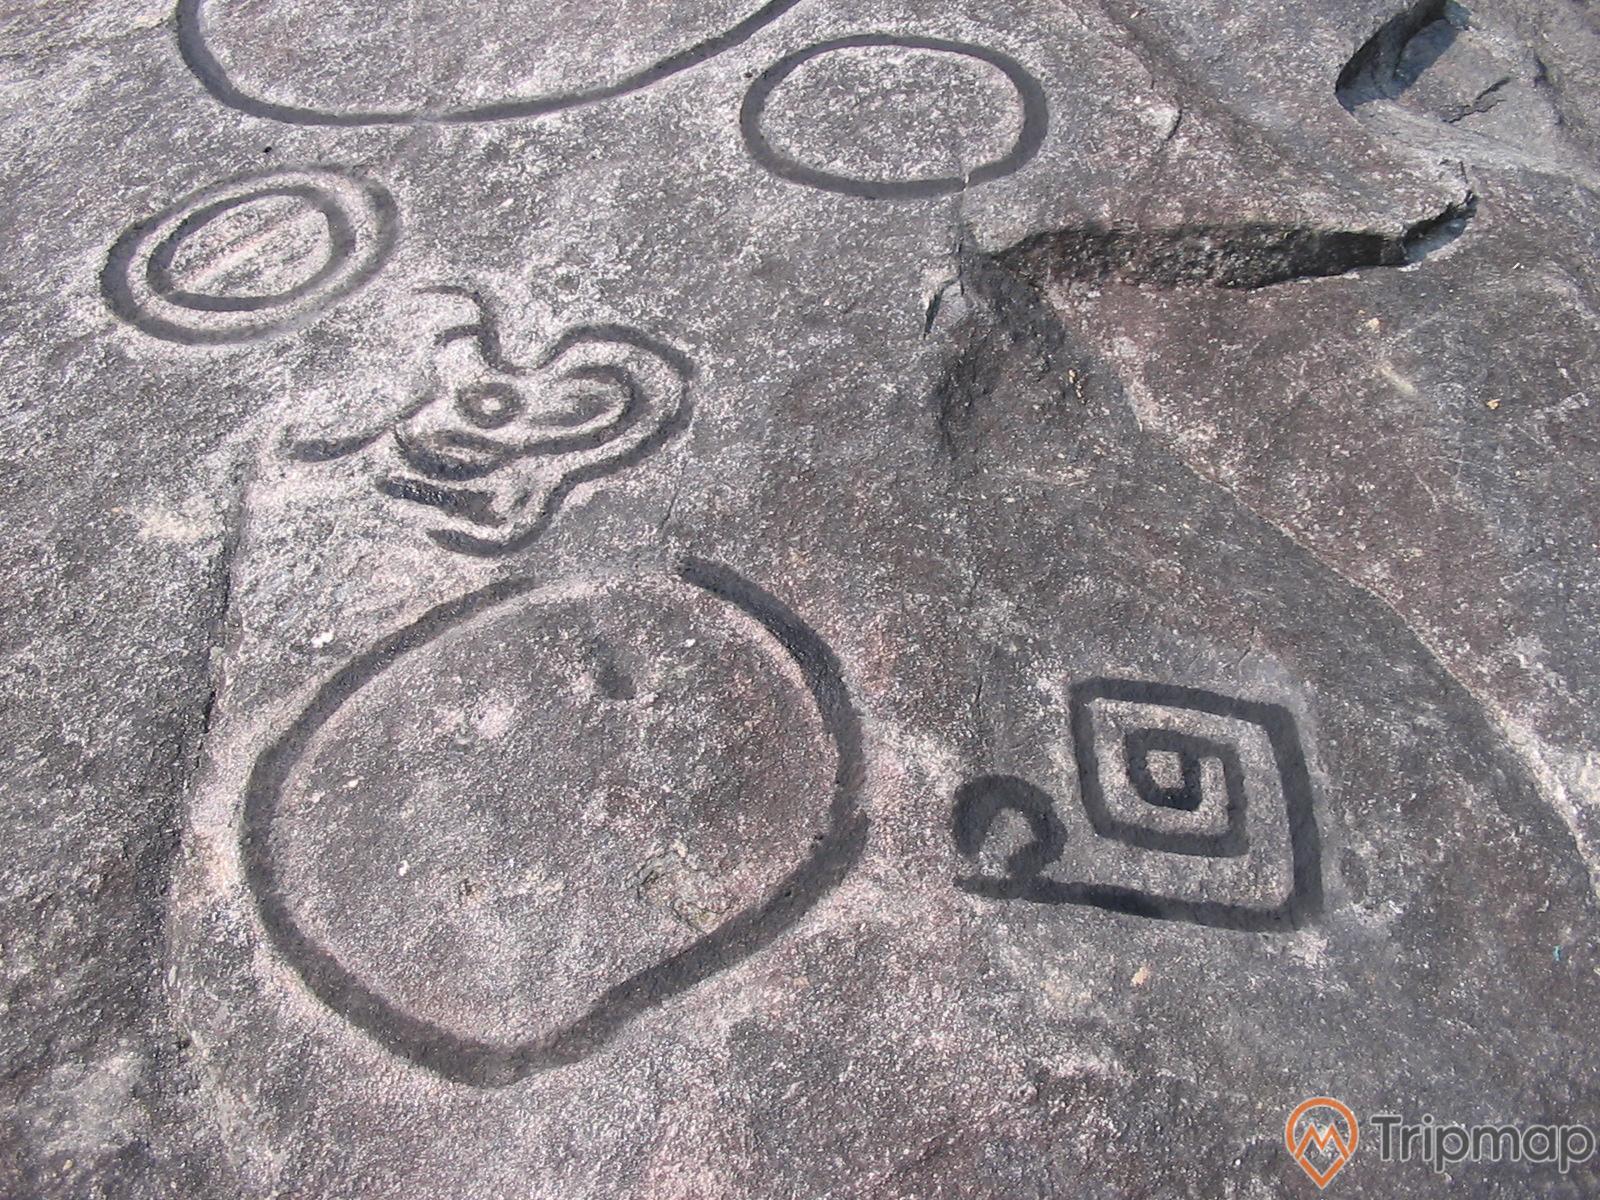 Hoạ tiết cổ trên đá tại bãi đá cổ nấm dẩn, ảnh chụp hoạ tiết cổ trên phiến đá